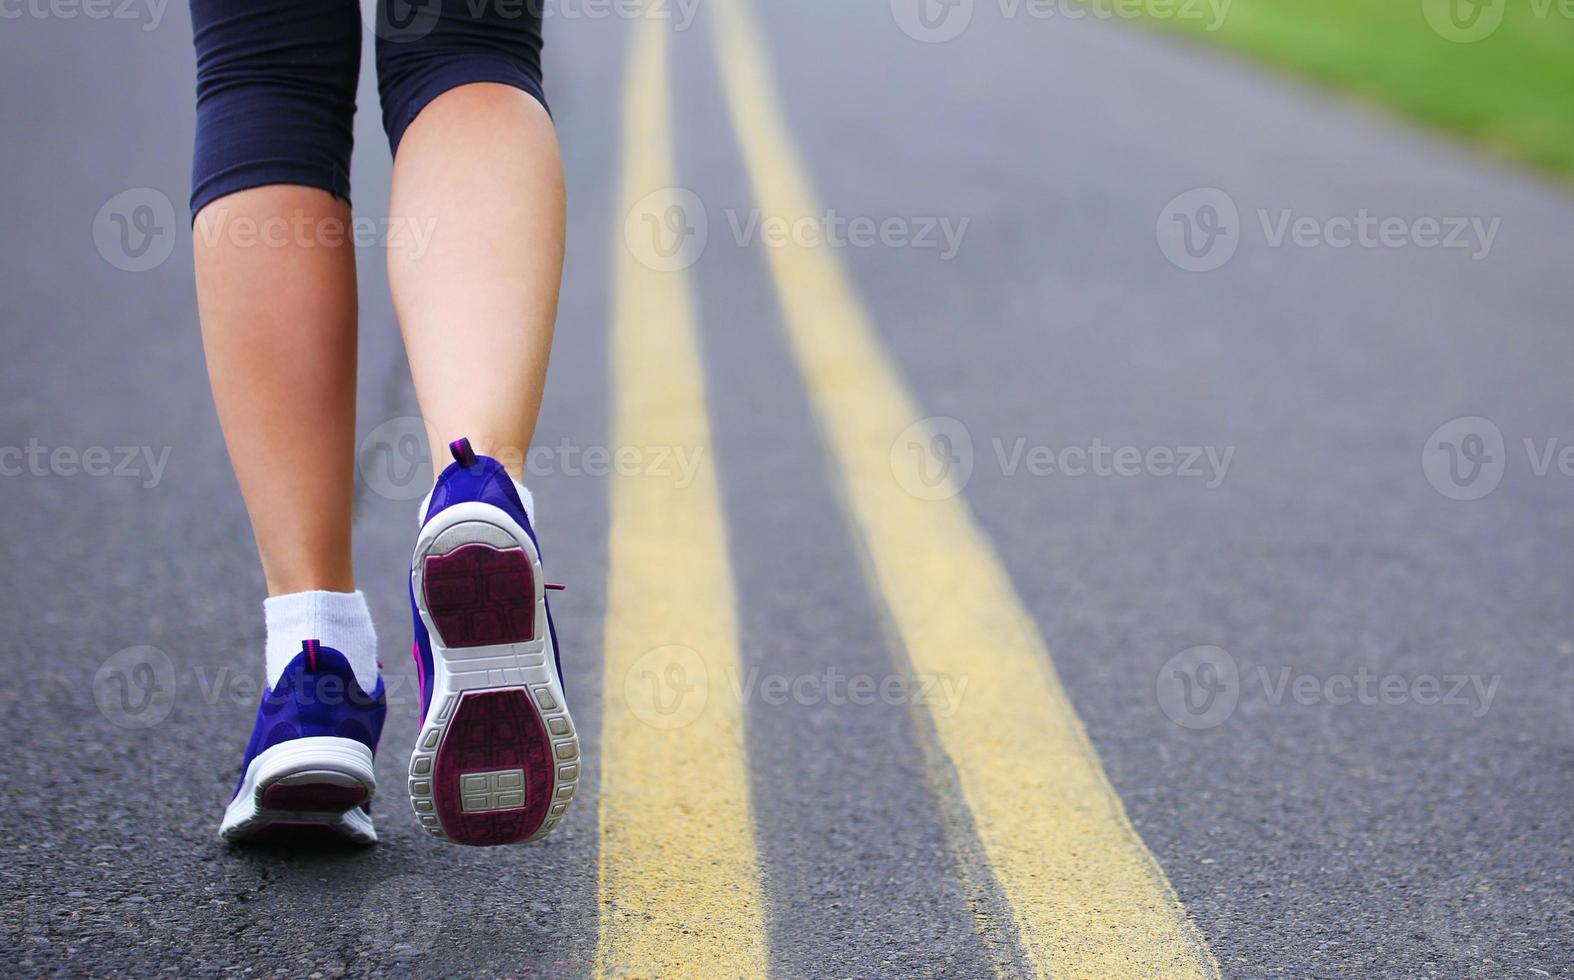 pies femeninos corredor corriendo en carretera foto